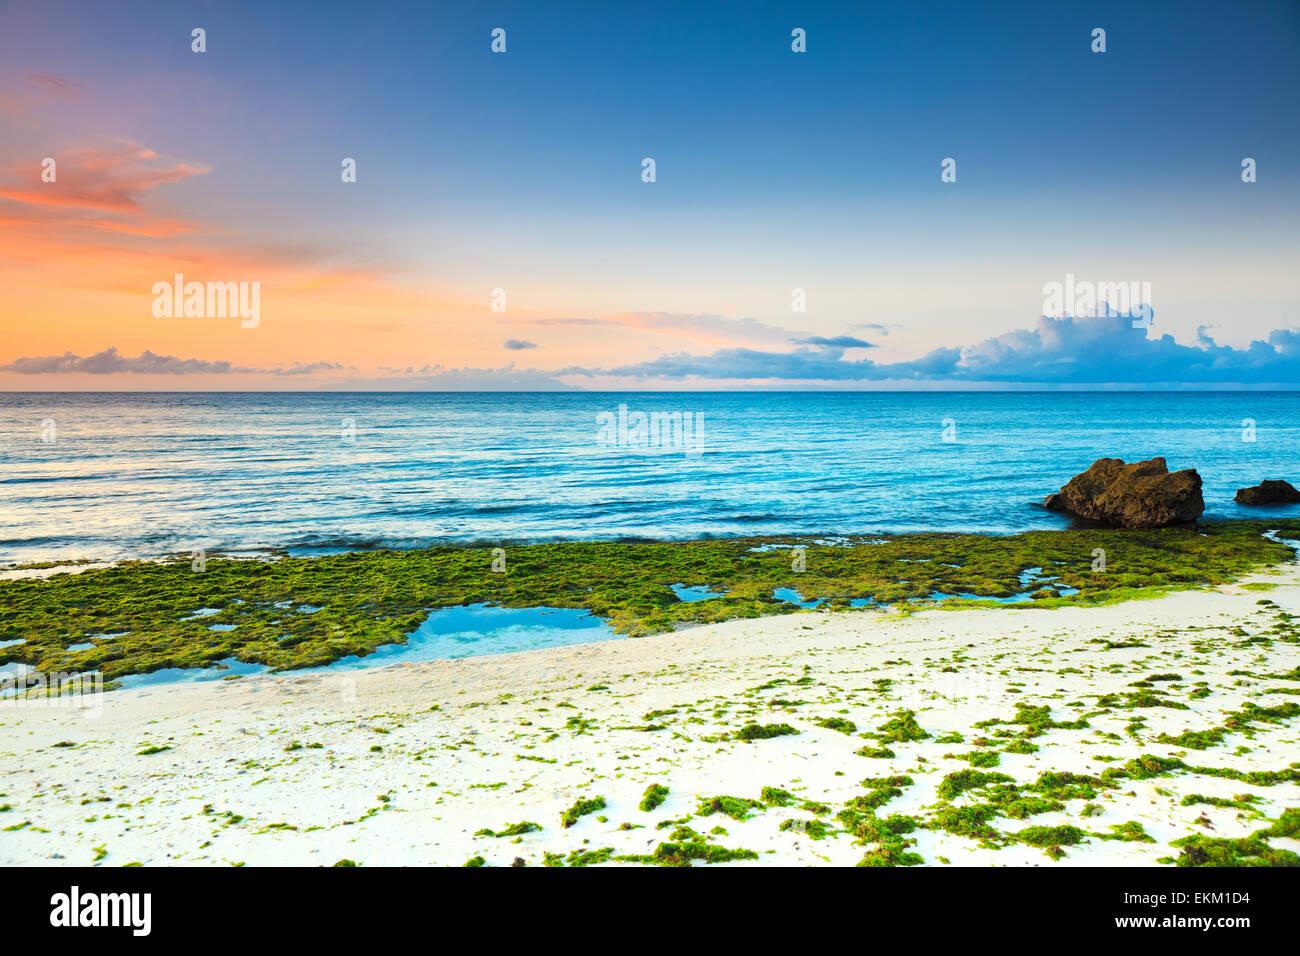 Puesta de sol sobre el mar. Piedra en primer plano Imagen De Stock